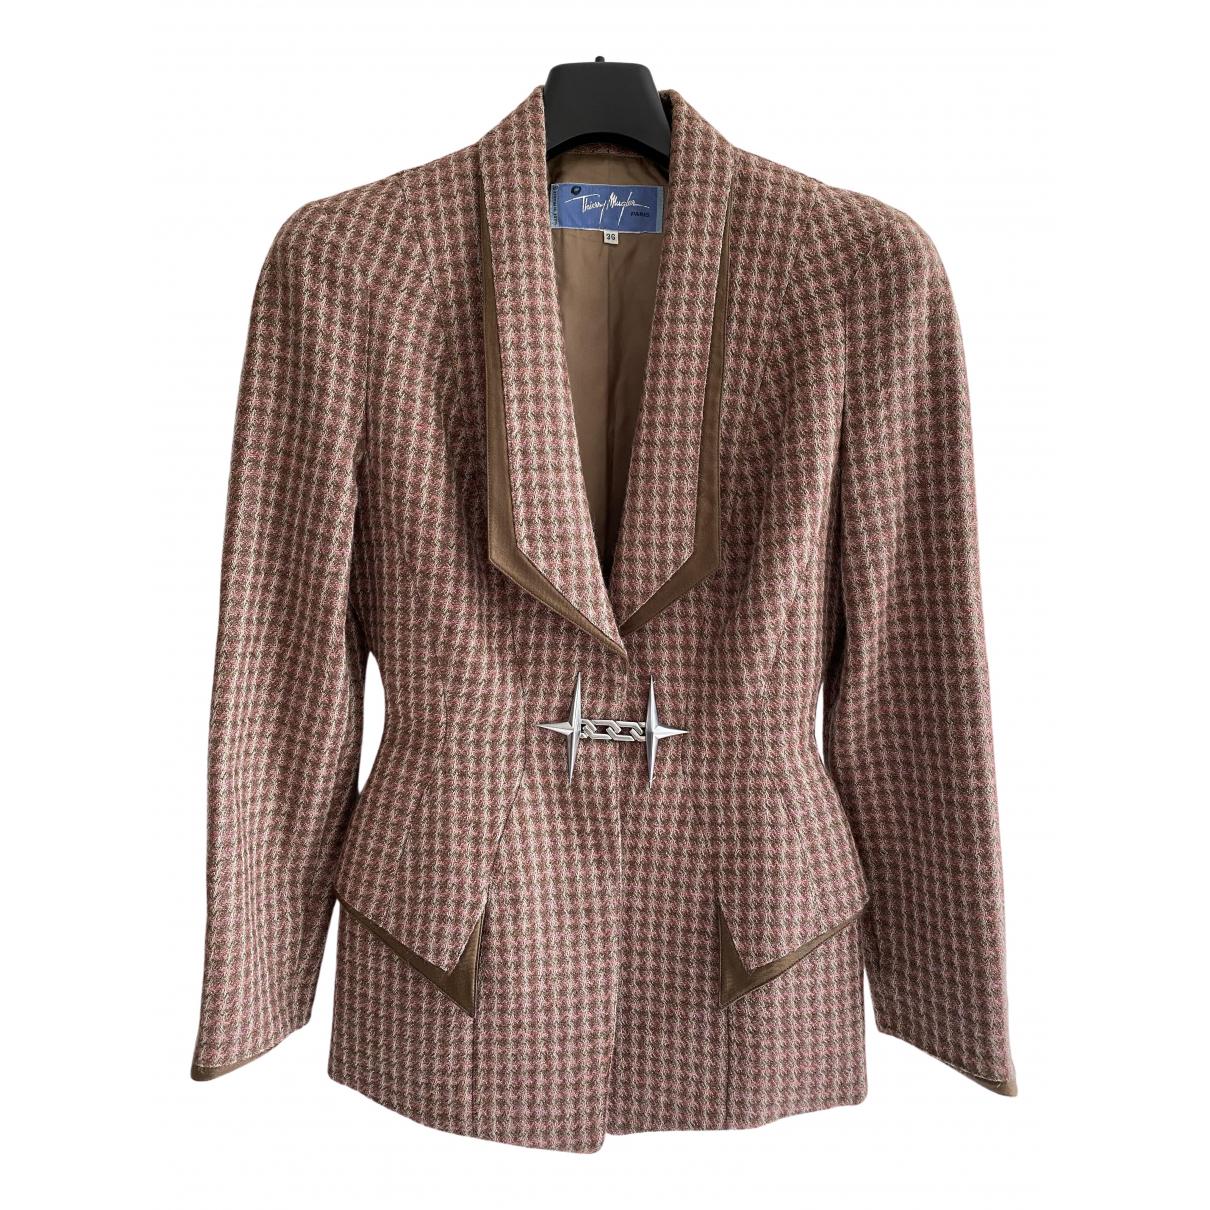 Thierry Mugler - Veste   pour femme en laine - beige